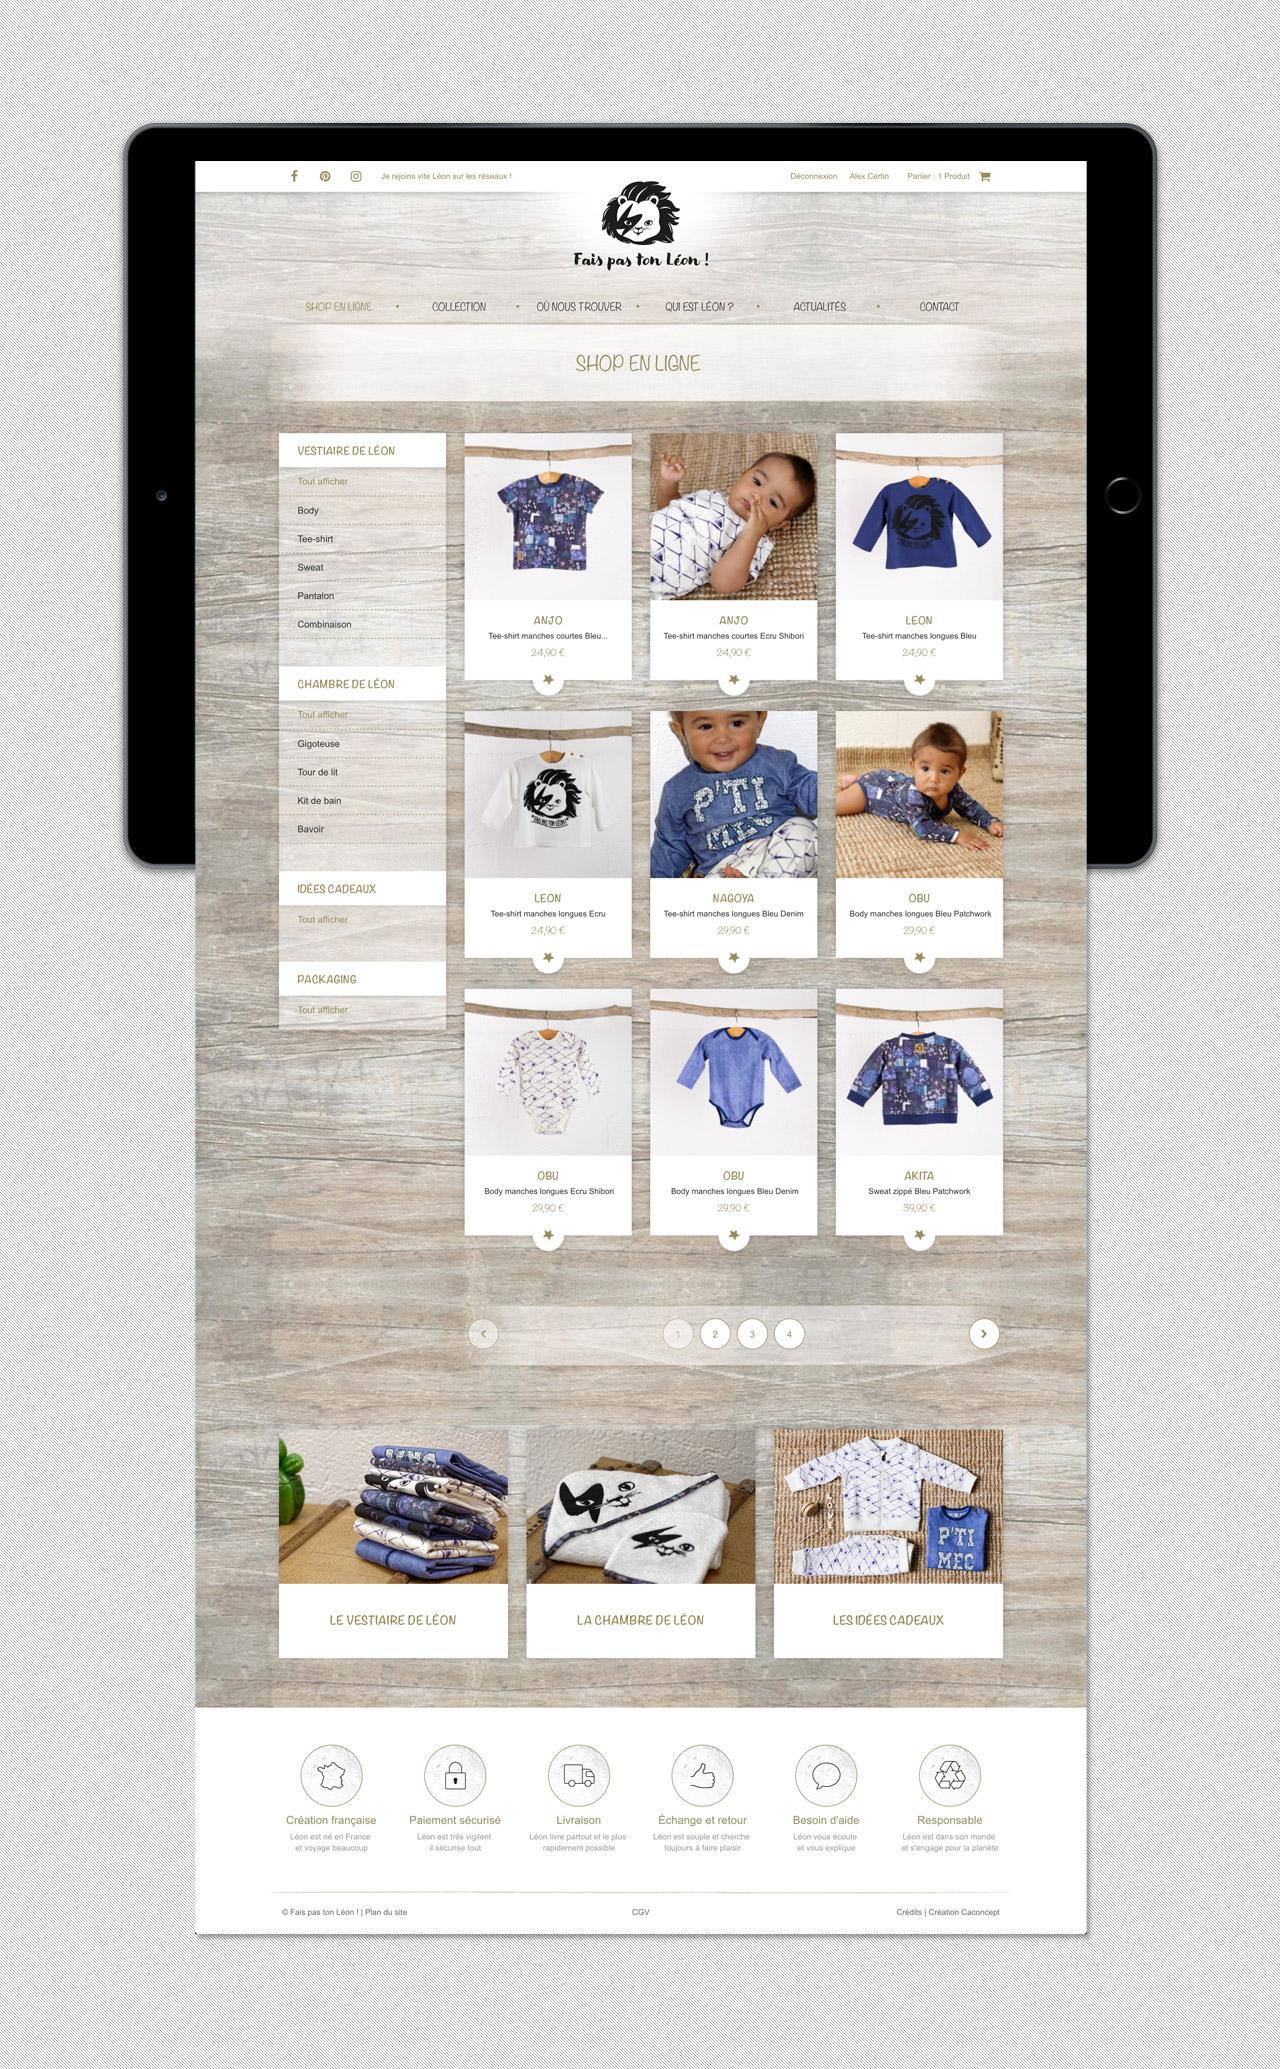 faispastonleon-creation-site-e-commerce-page-categorie-vetements-enfants-caconcept-alexis-cretin-graphiste-montpellier